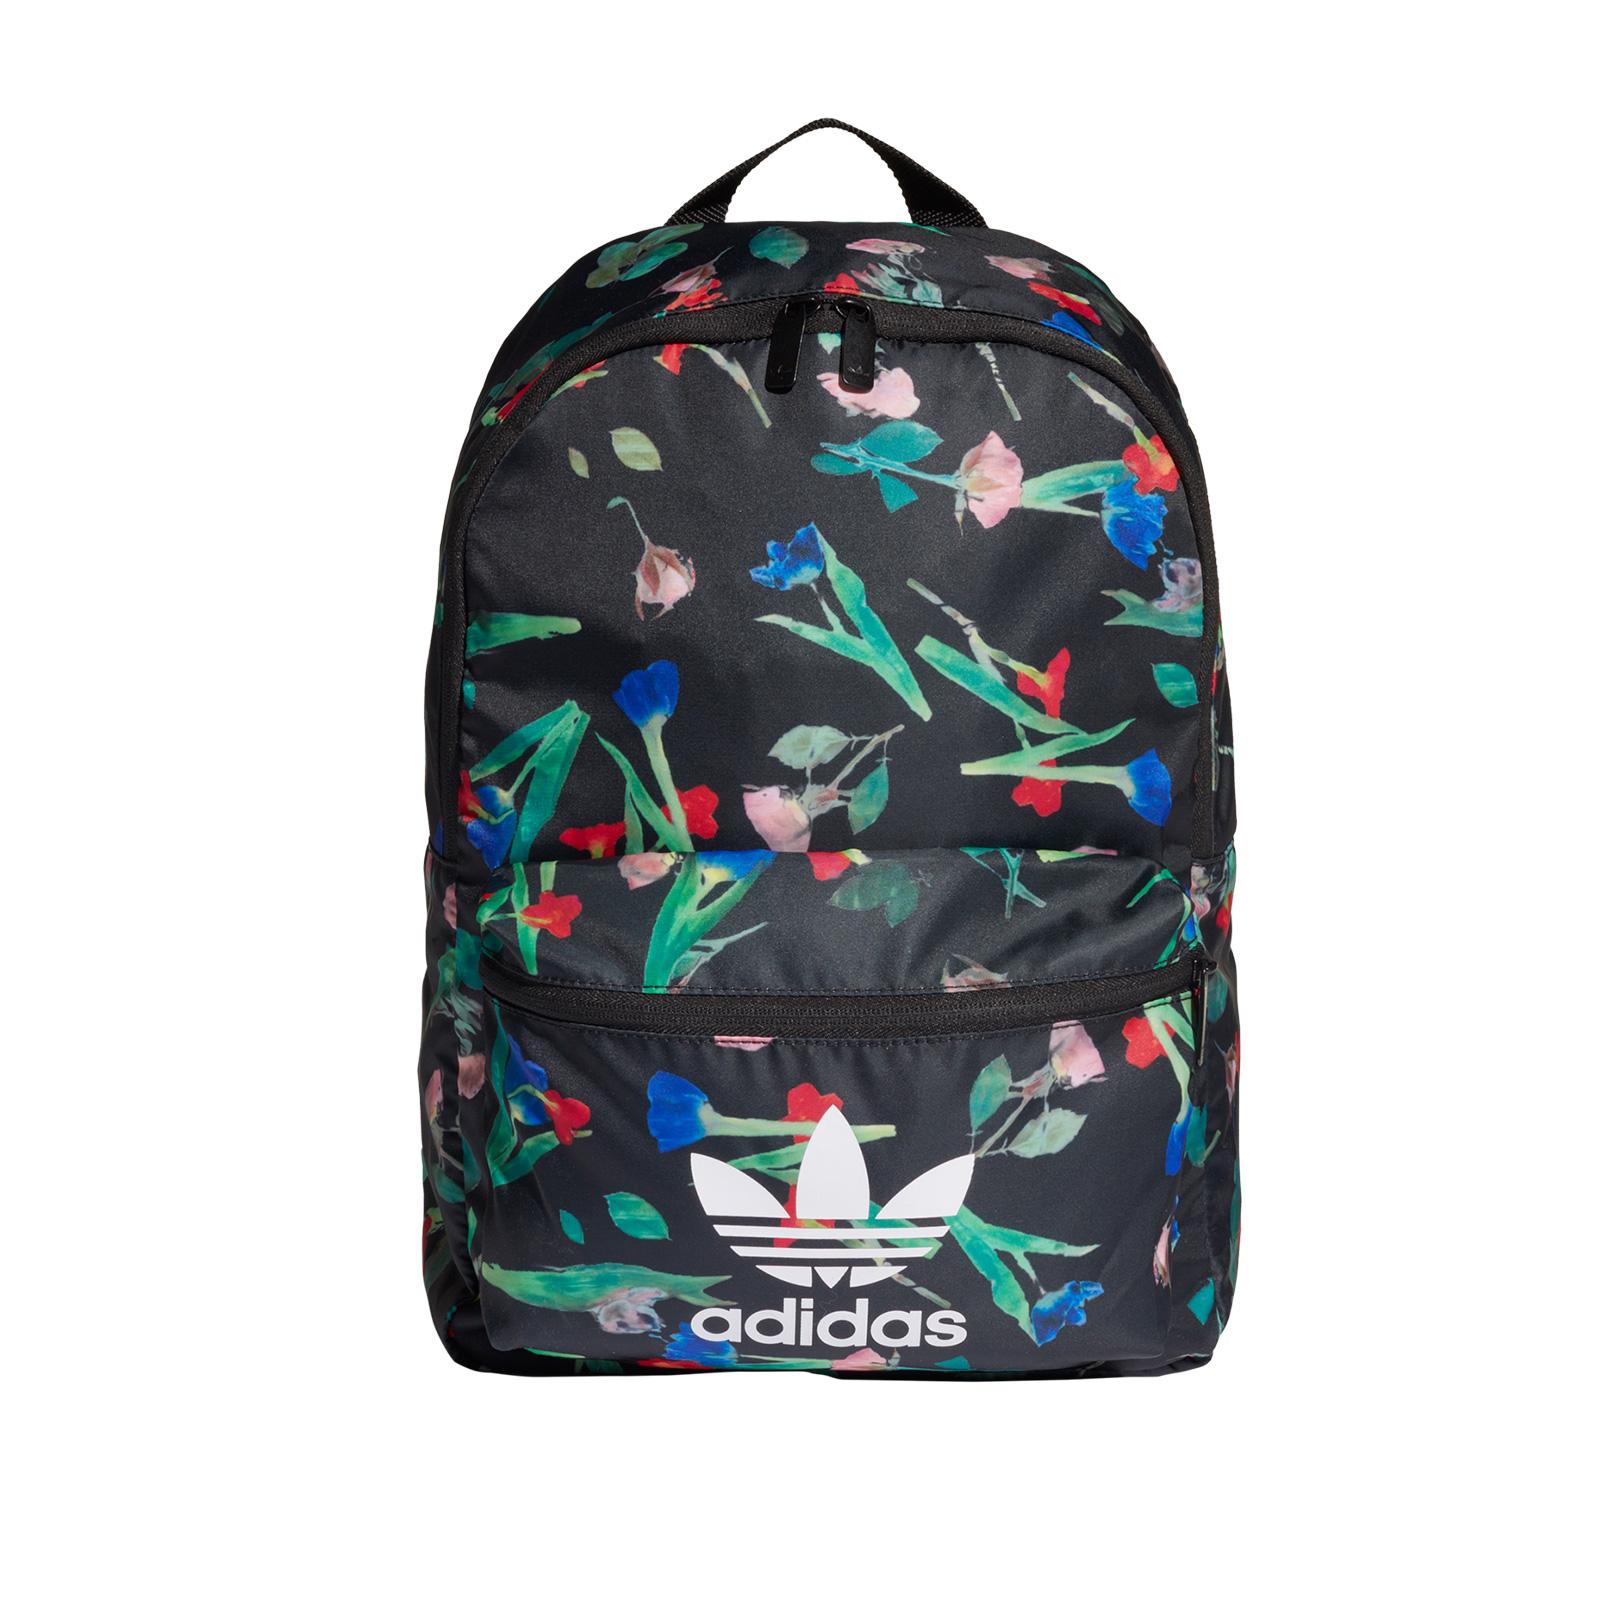 adidas Originals - BP CLASSIC - MULTCO/BLACK